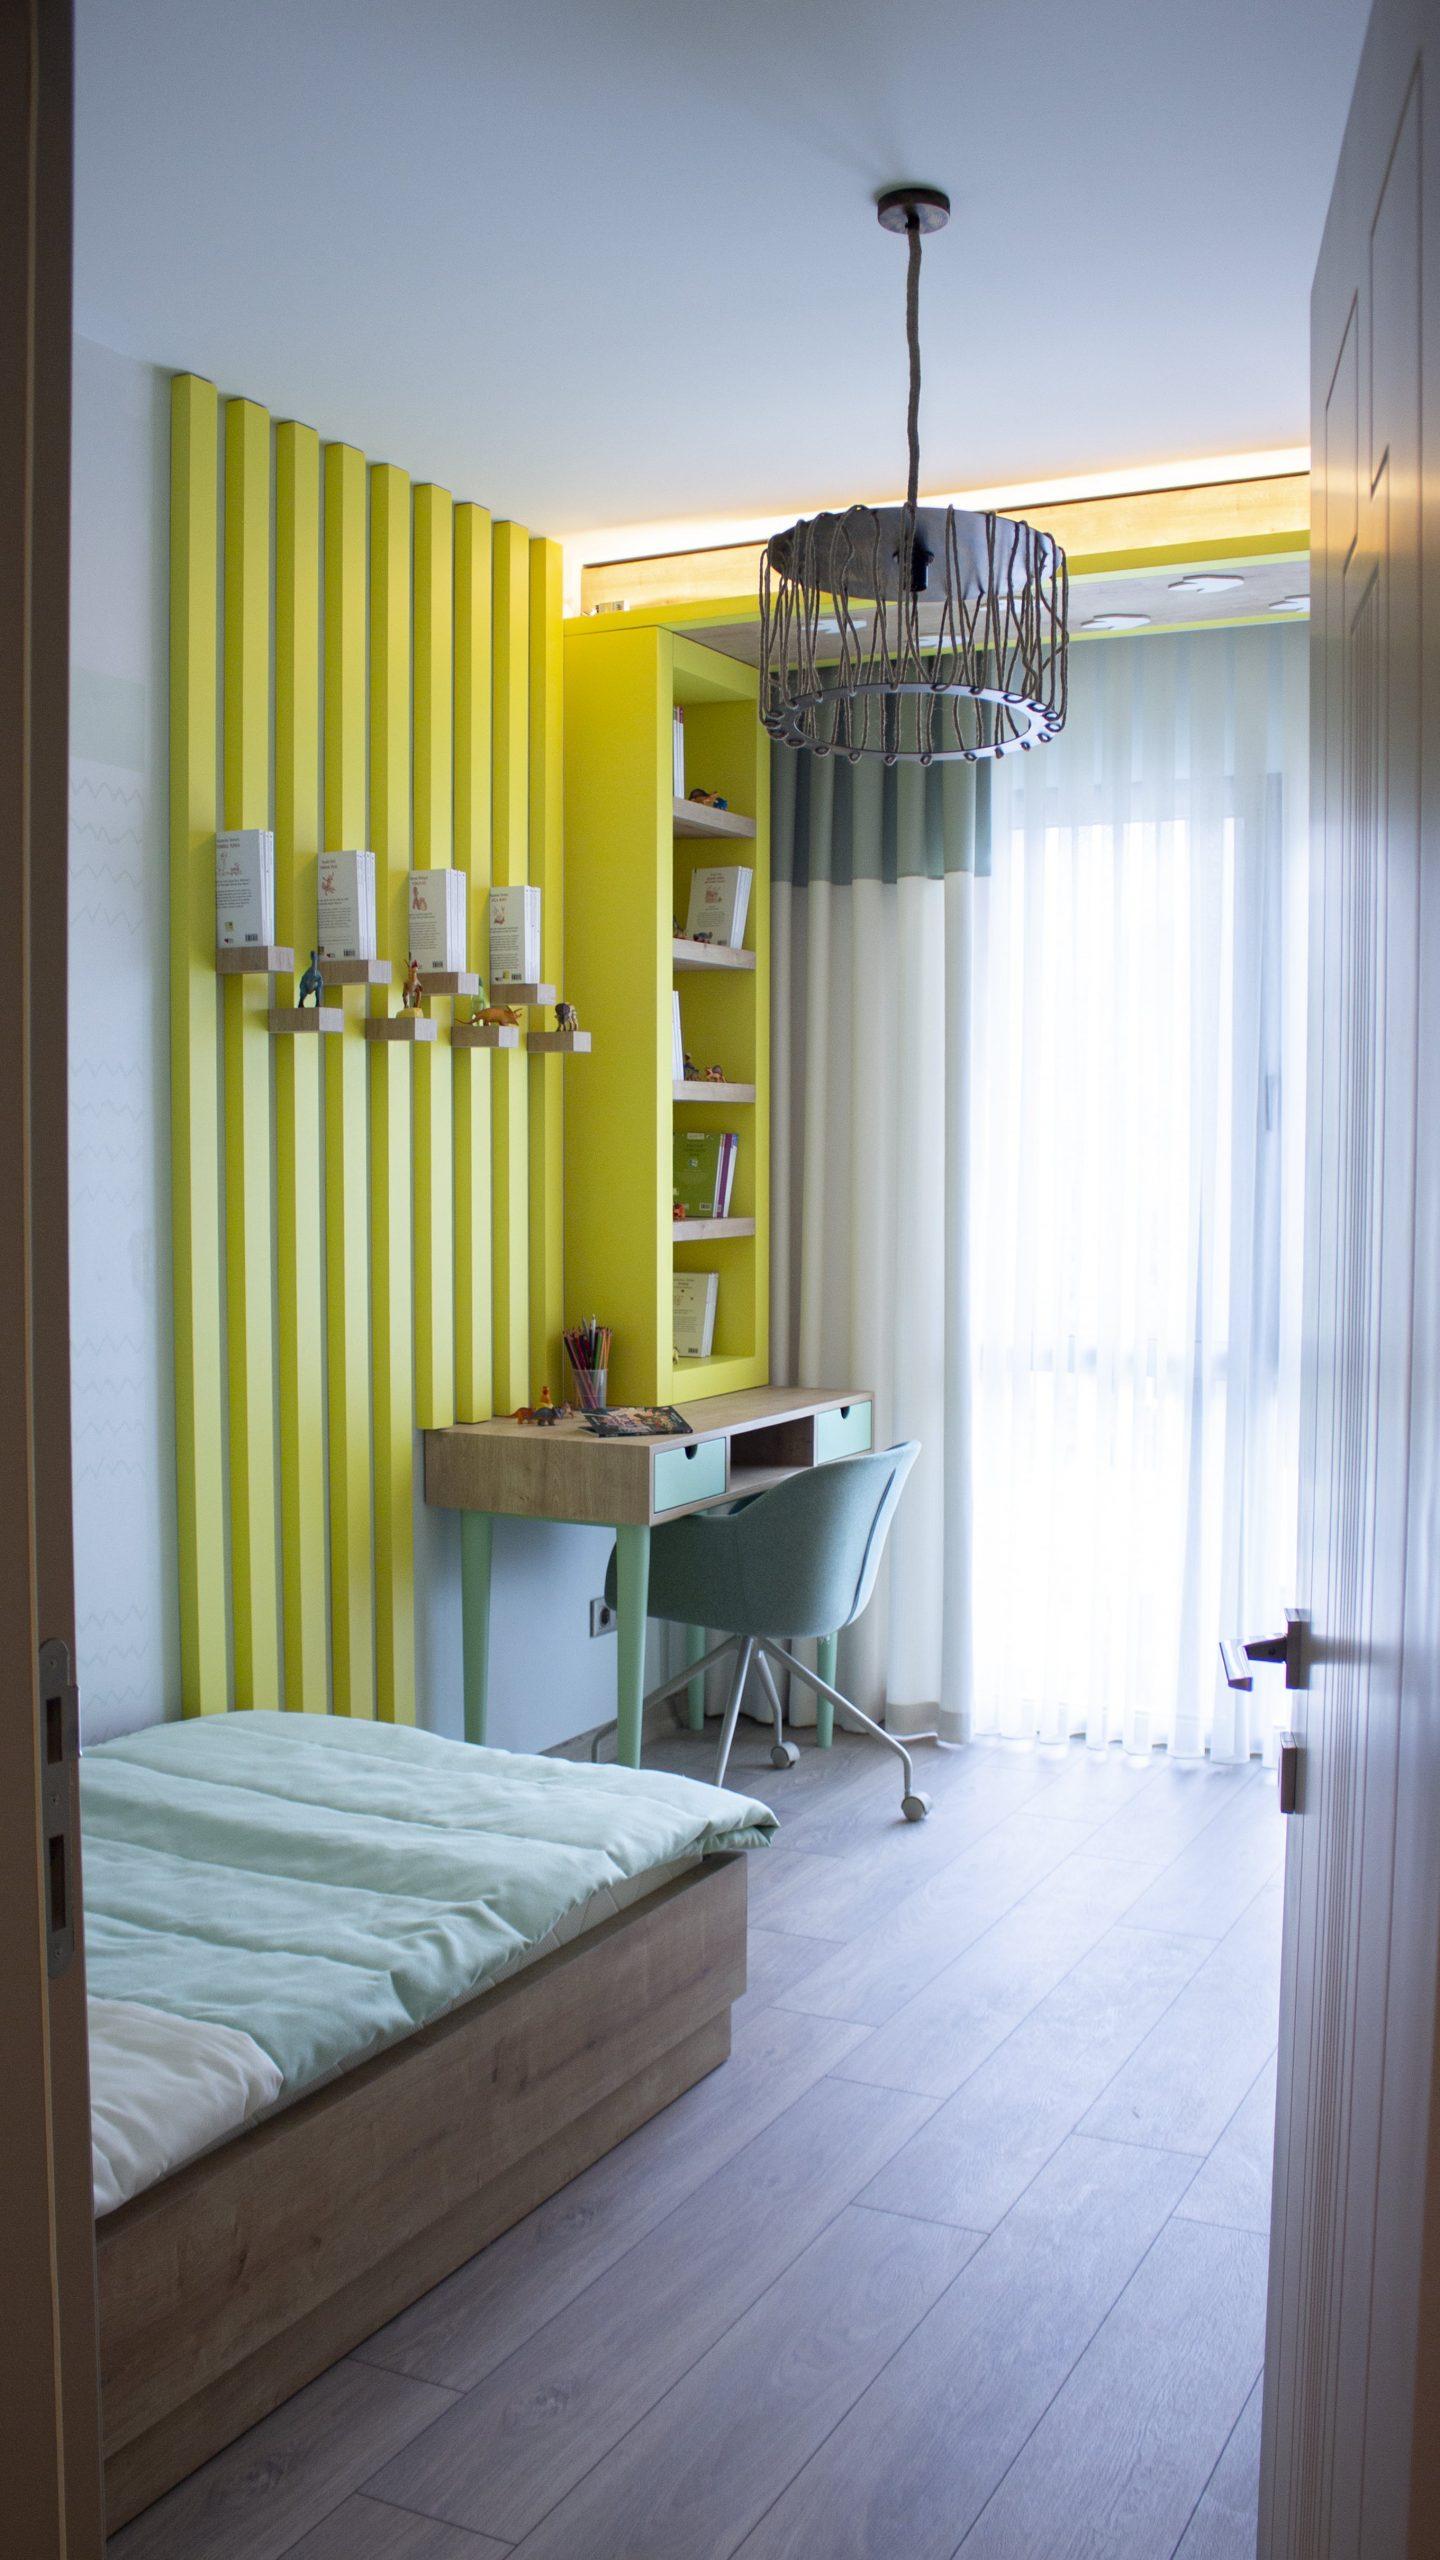 Современные квартиры различных планировок в районе Зейтинбурну - Фото 20